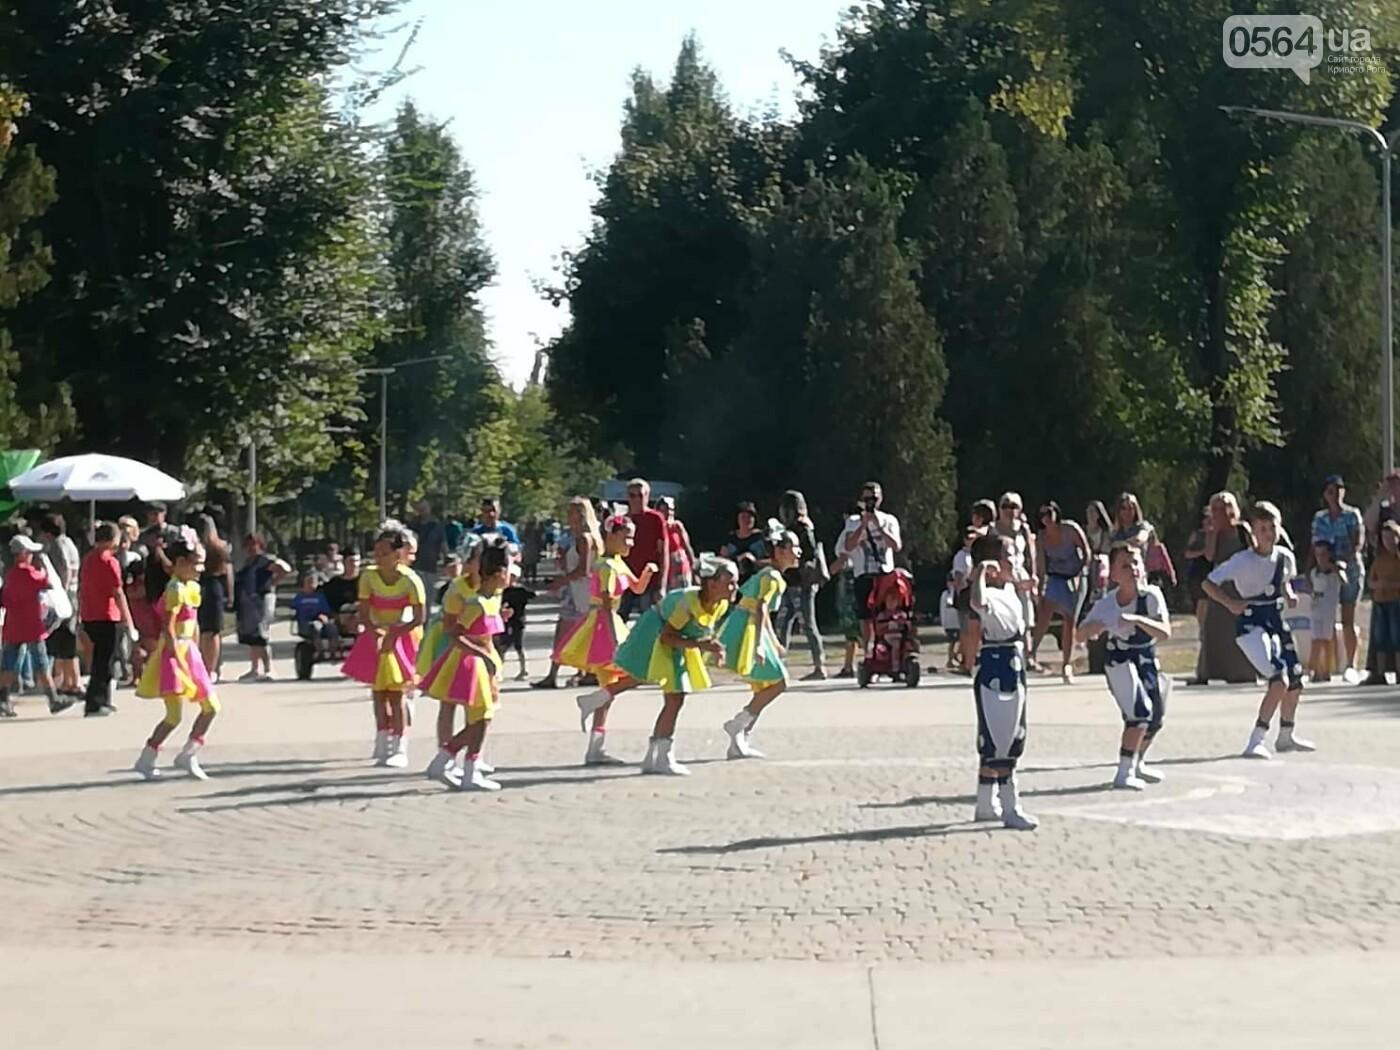 Мастер-классы, концерт и показательные выступления казаков, - как криворожане отмечают главный праздник страны в Долгинцевском районе, фото-5